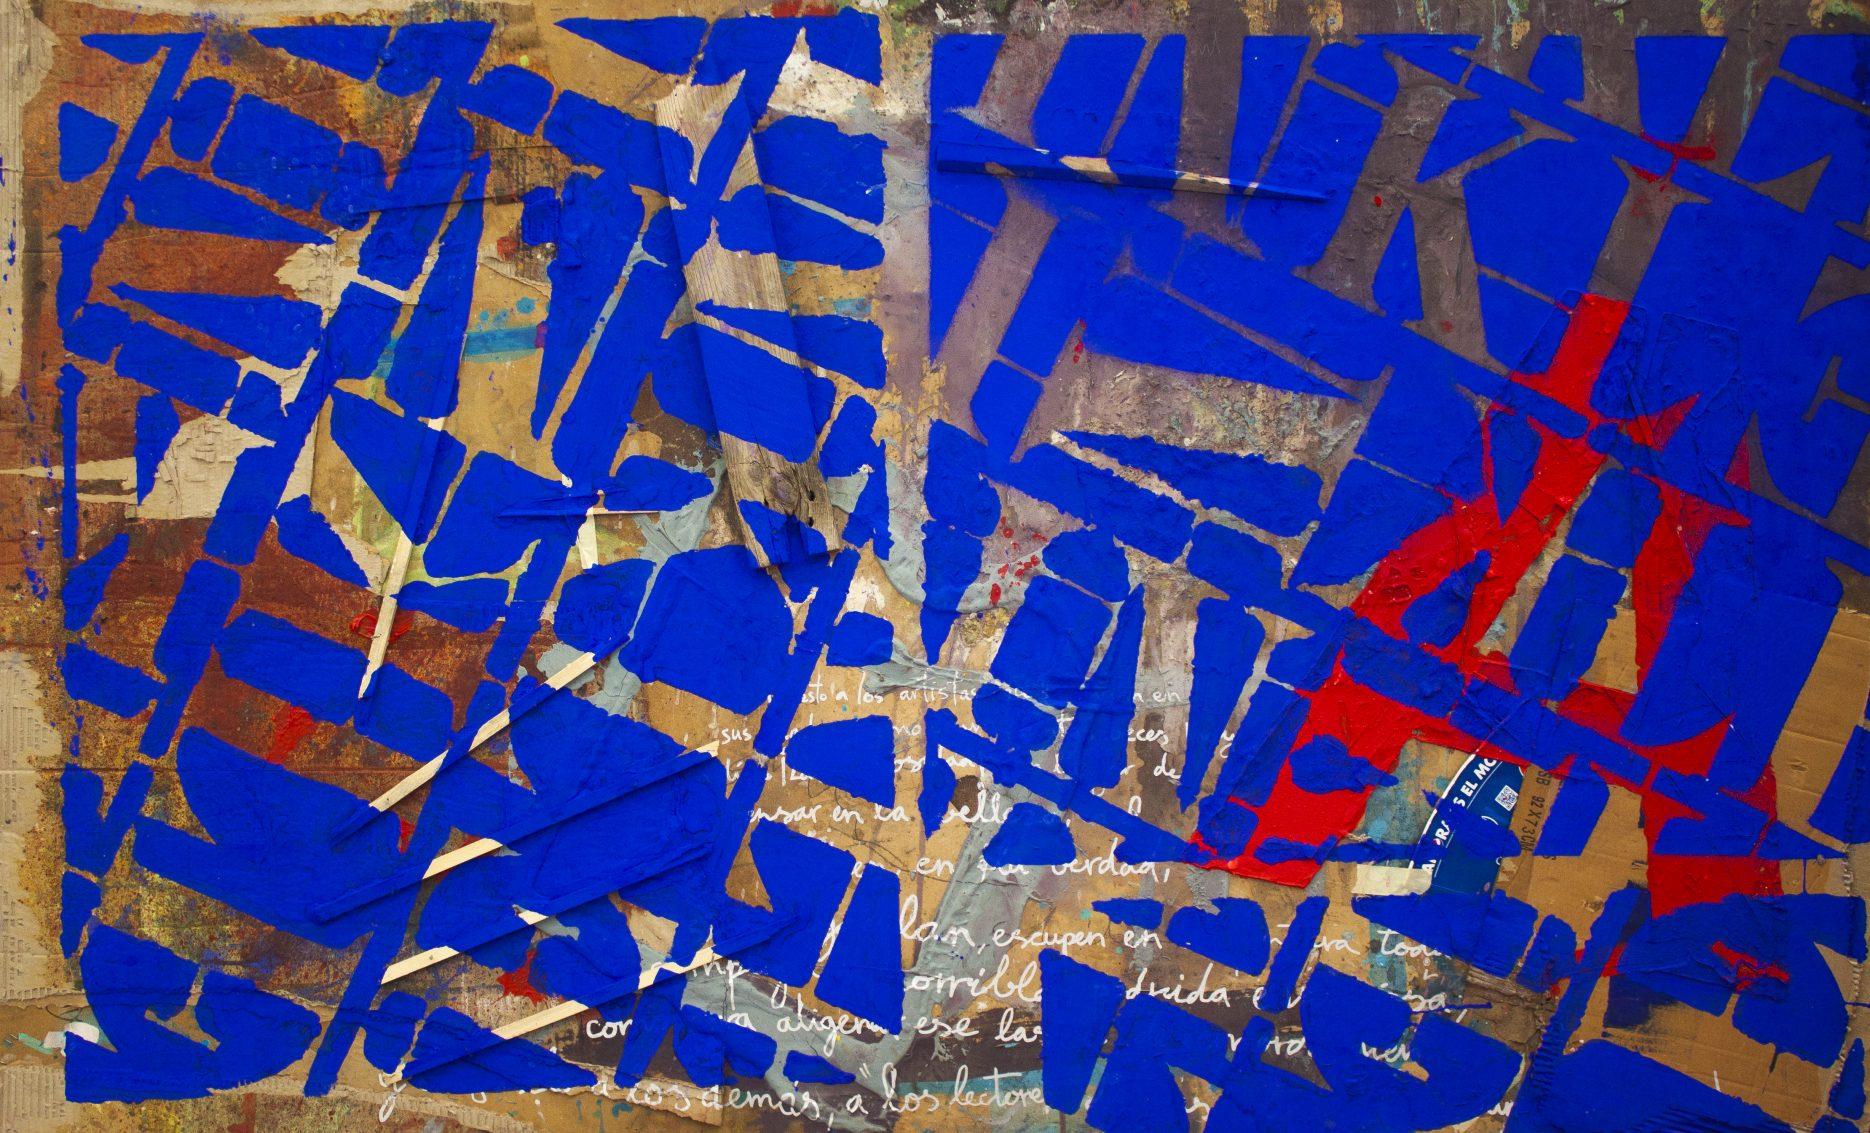 Pintura Patrón aIKB del artista Sánchez del Castillo del proyecto Repetition Ways